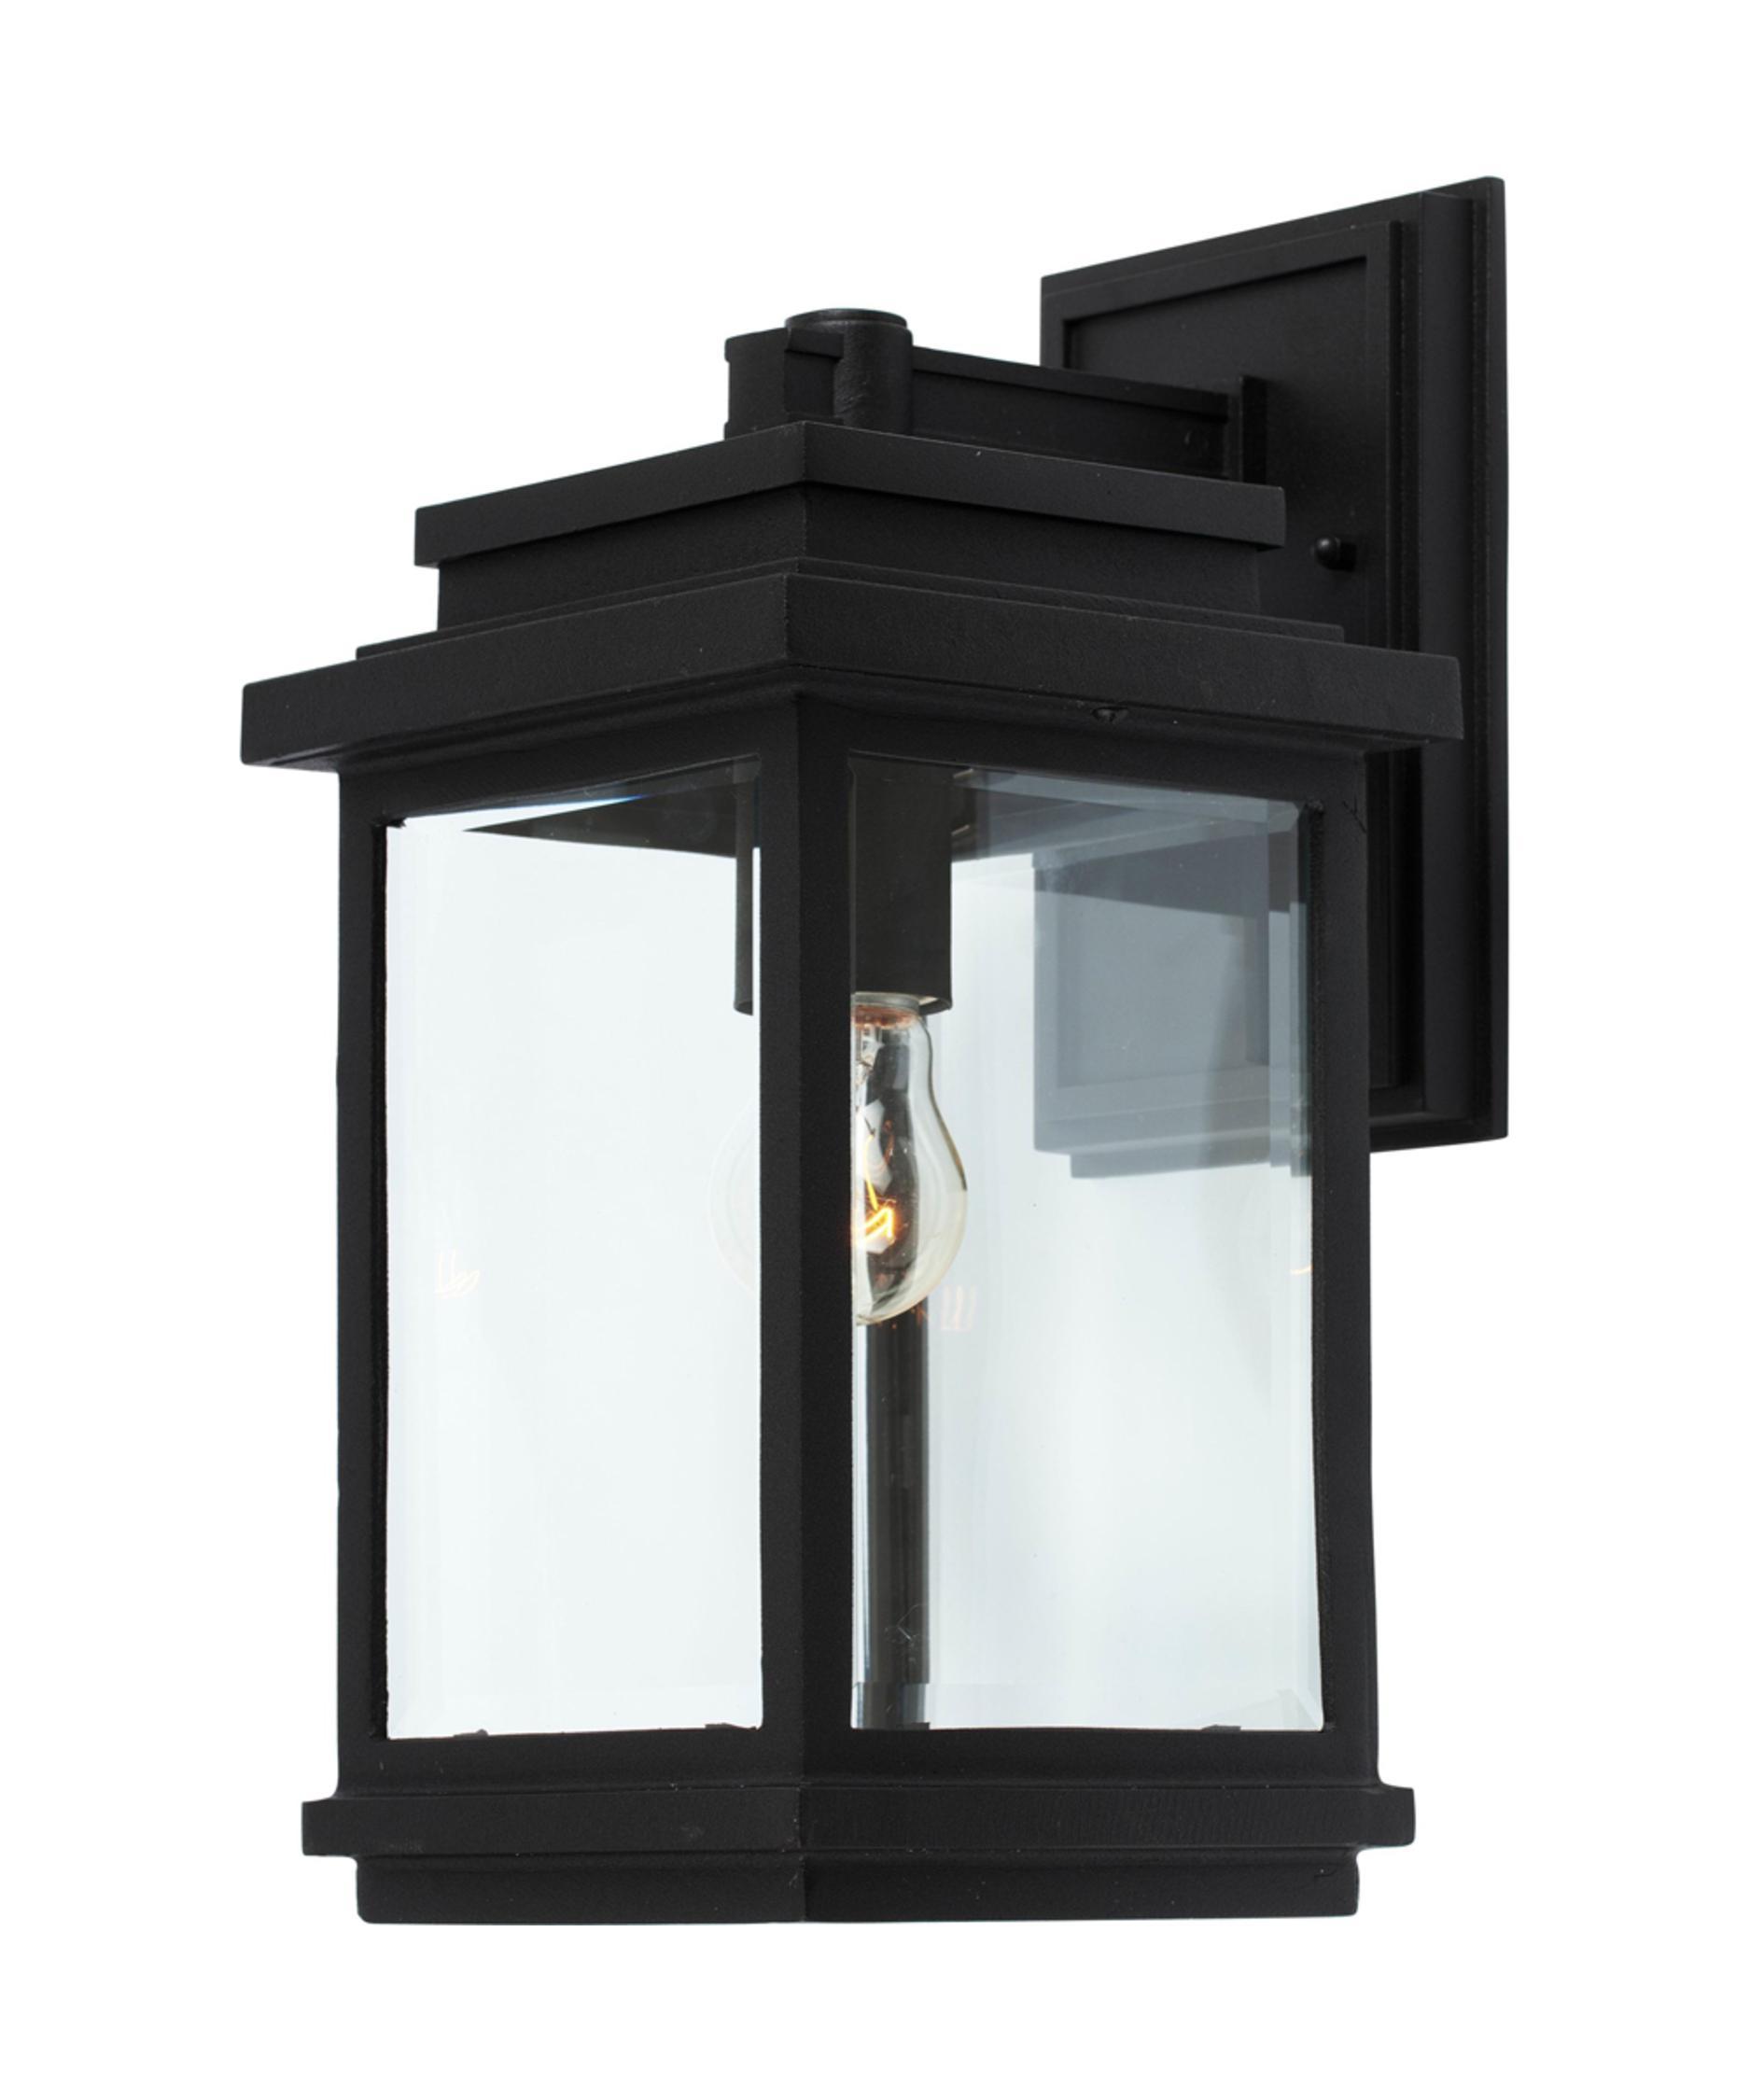 Black Outdoor Wall Light artcraft ac8290 fremont 7 inch wide 1 light outdoor wall light